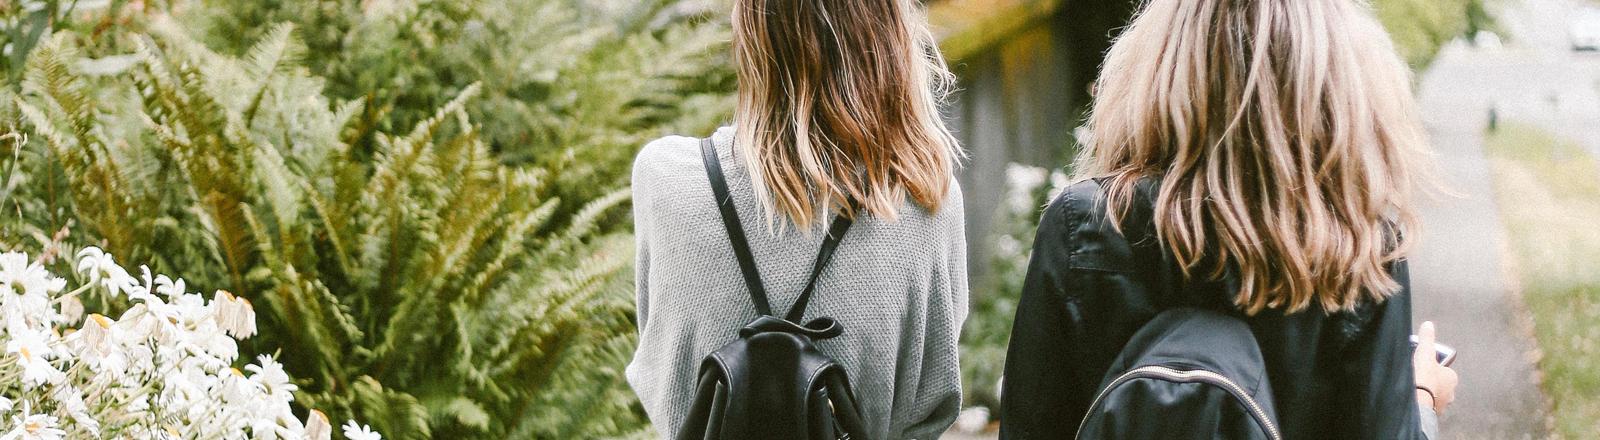 Zwei Mädchen mit den gleichen Frisuren und ähnlichen Rucksäcken gehen nebeneinander her